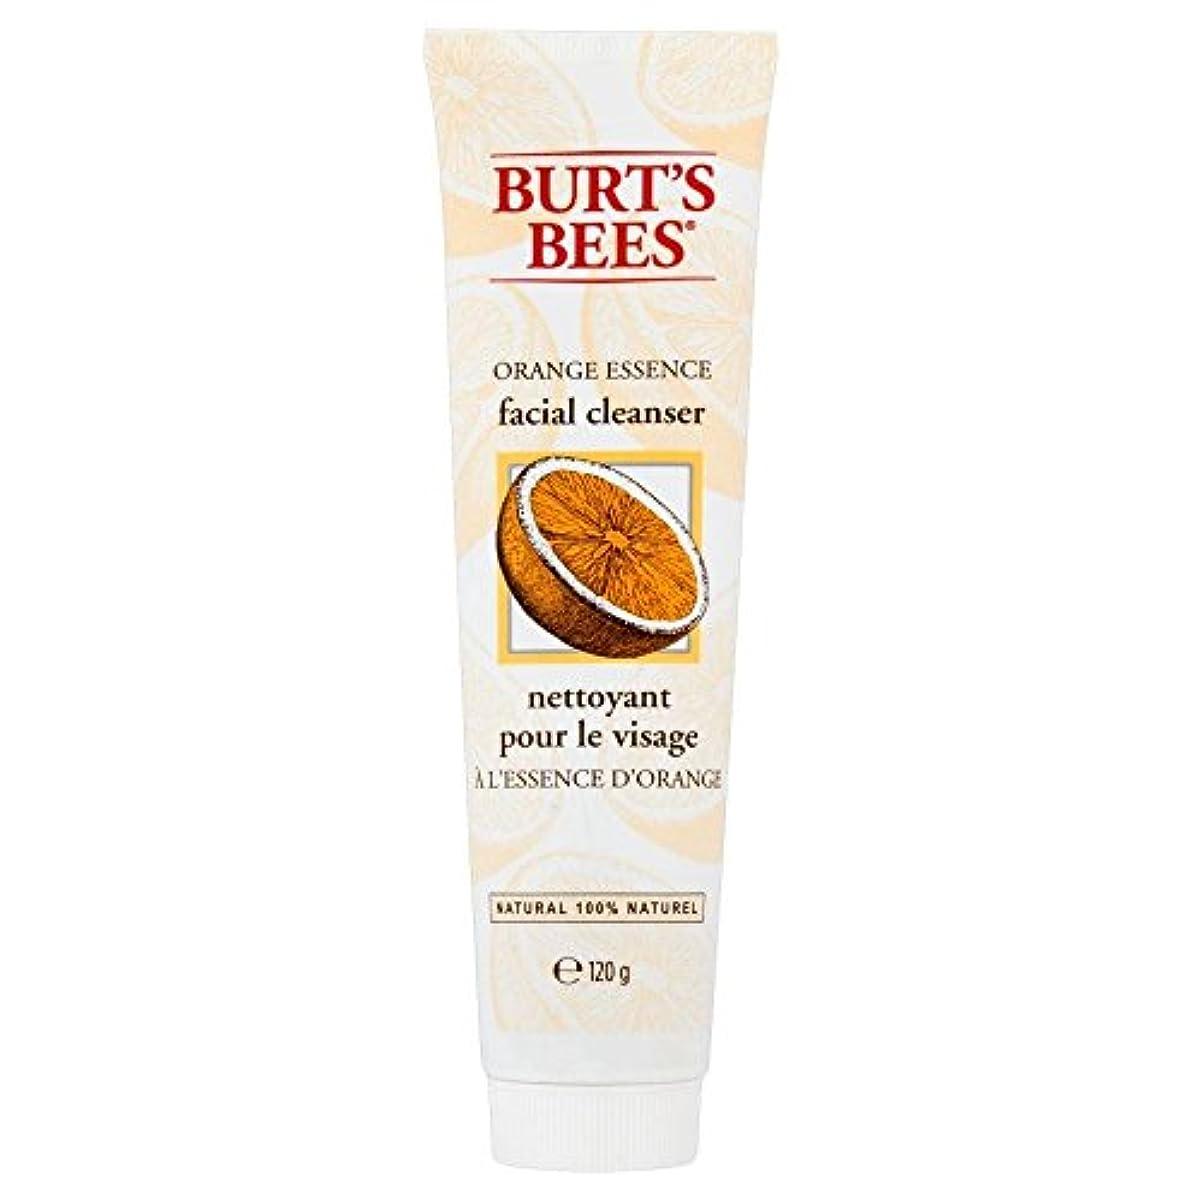 反乱あいまい割り当て[Burt's Bees] バーツビーオレンジエッセンス洗顔料(120グラム) - Burt's Bees Orange Essence Facial Cleanser (120g) [並行輸入品]